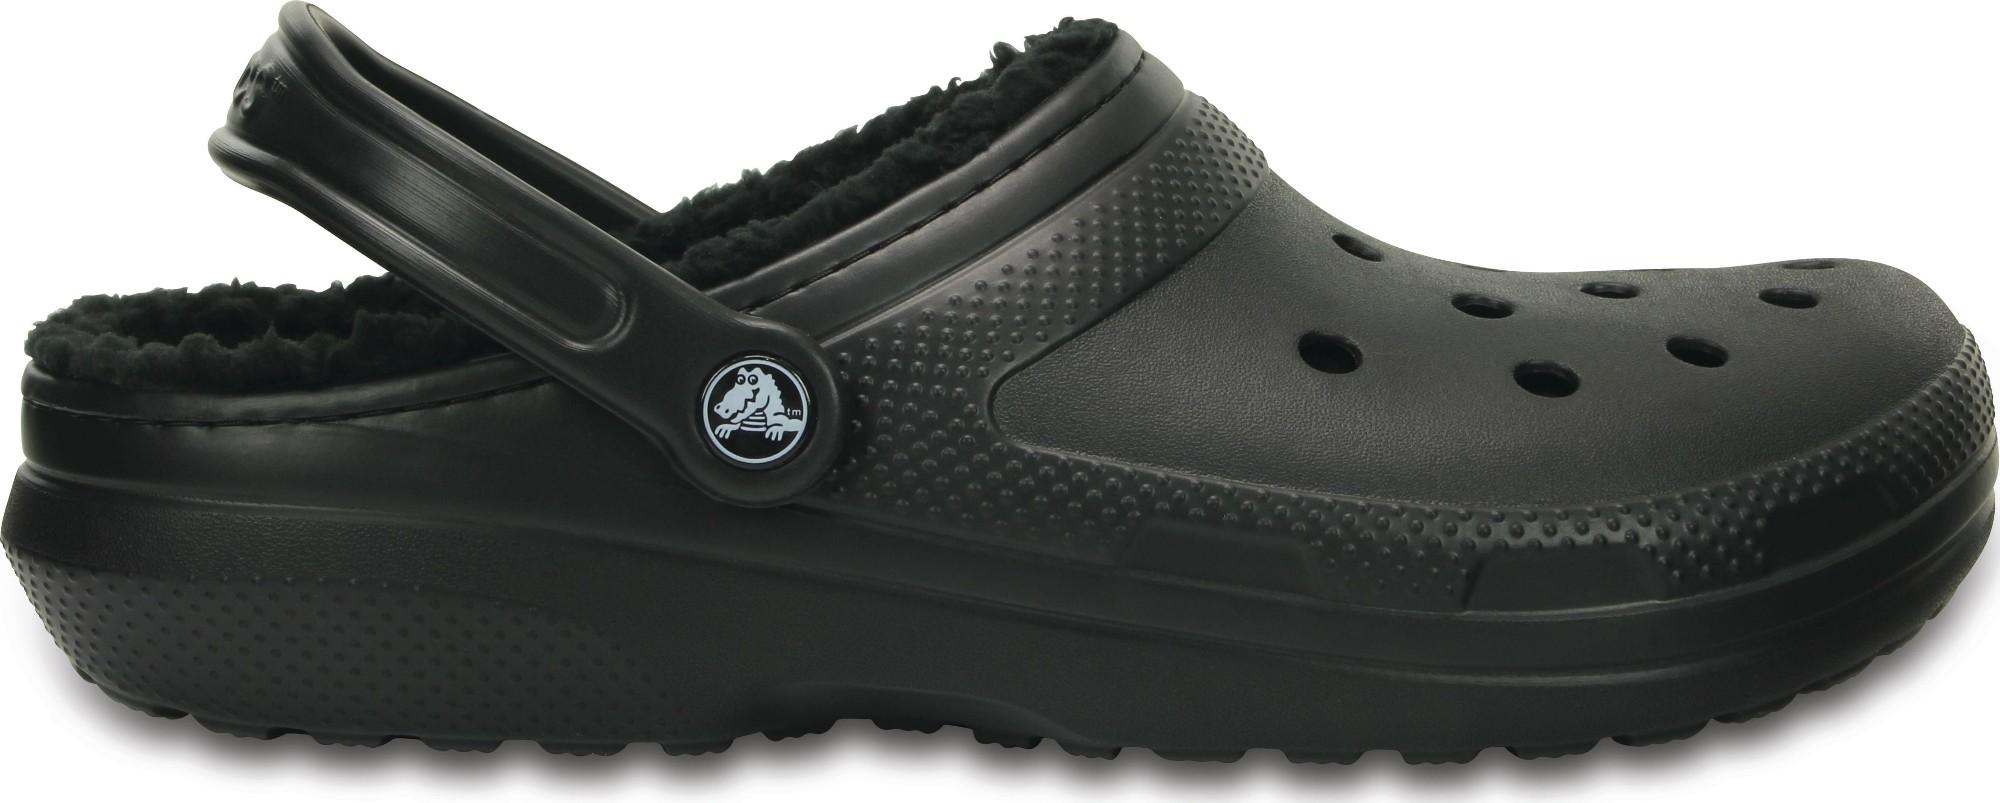 Crocs™ Classic Lined Clog Black/Black 44,5